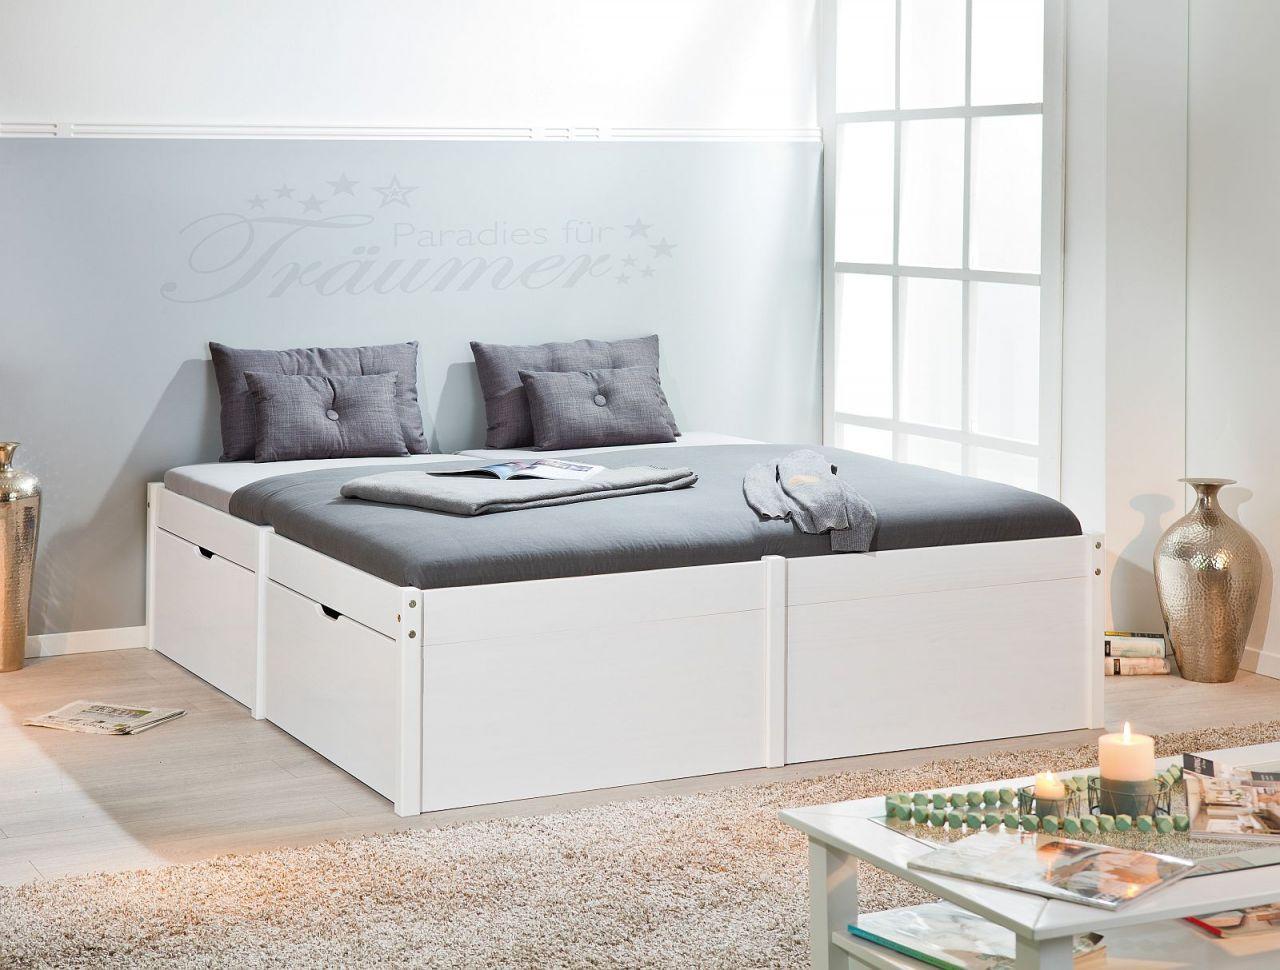 lattenrost 200 x 200 cm donut bettw sche romantisches schlafzimmer feng shui nordosten bambus. Black Bedroom Furniture Sets. Home Design Ideas